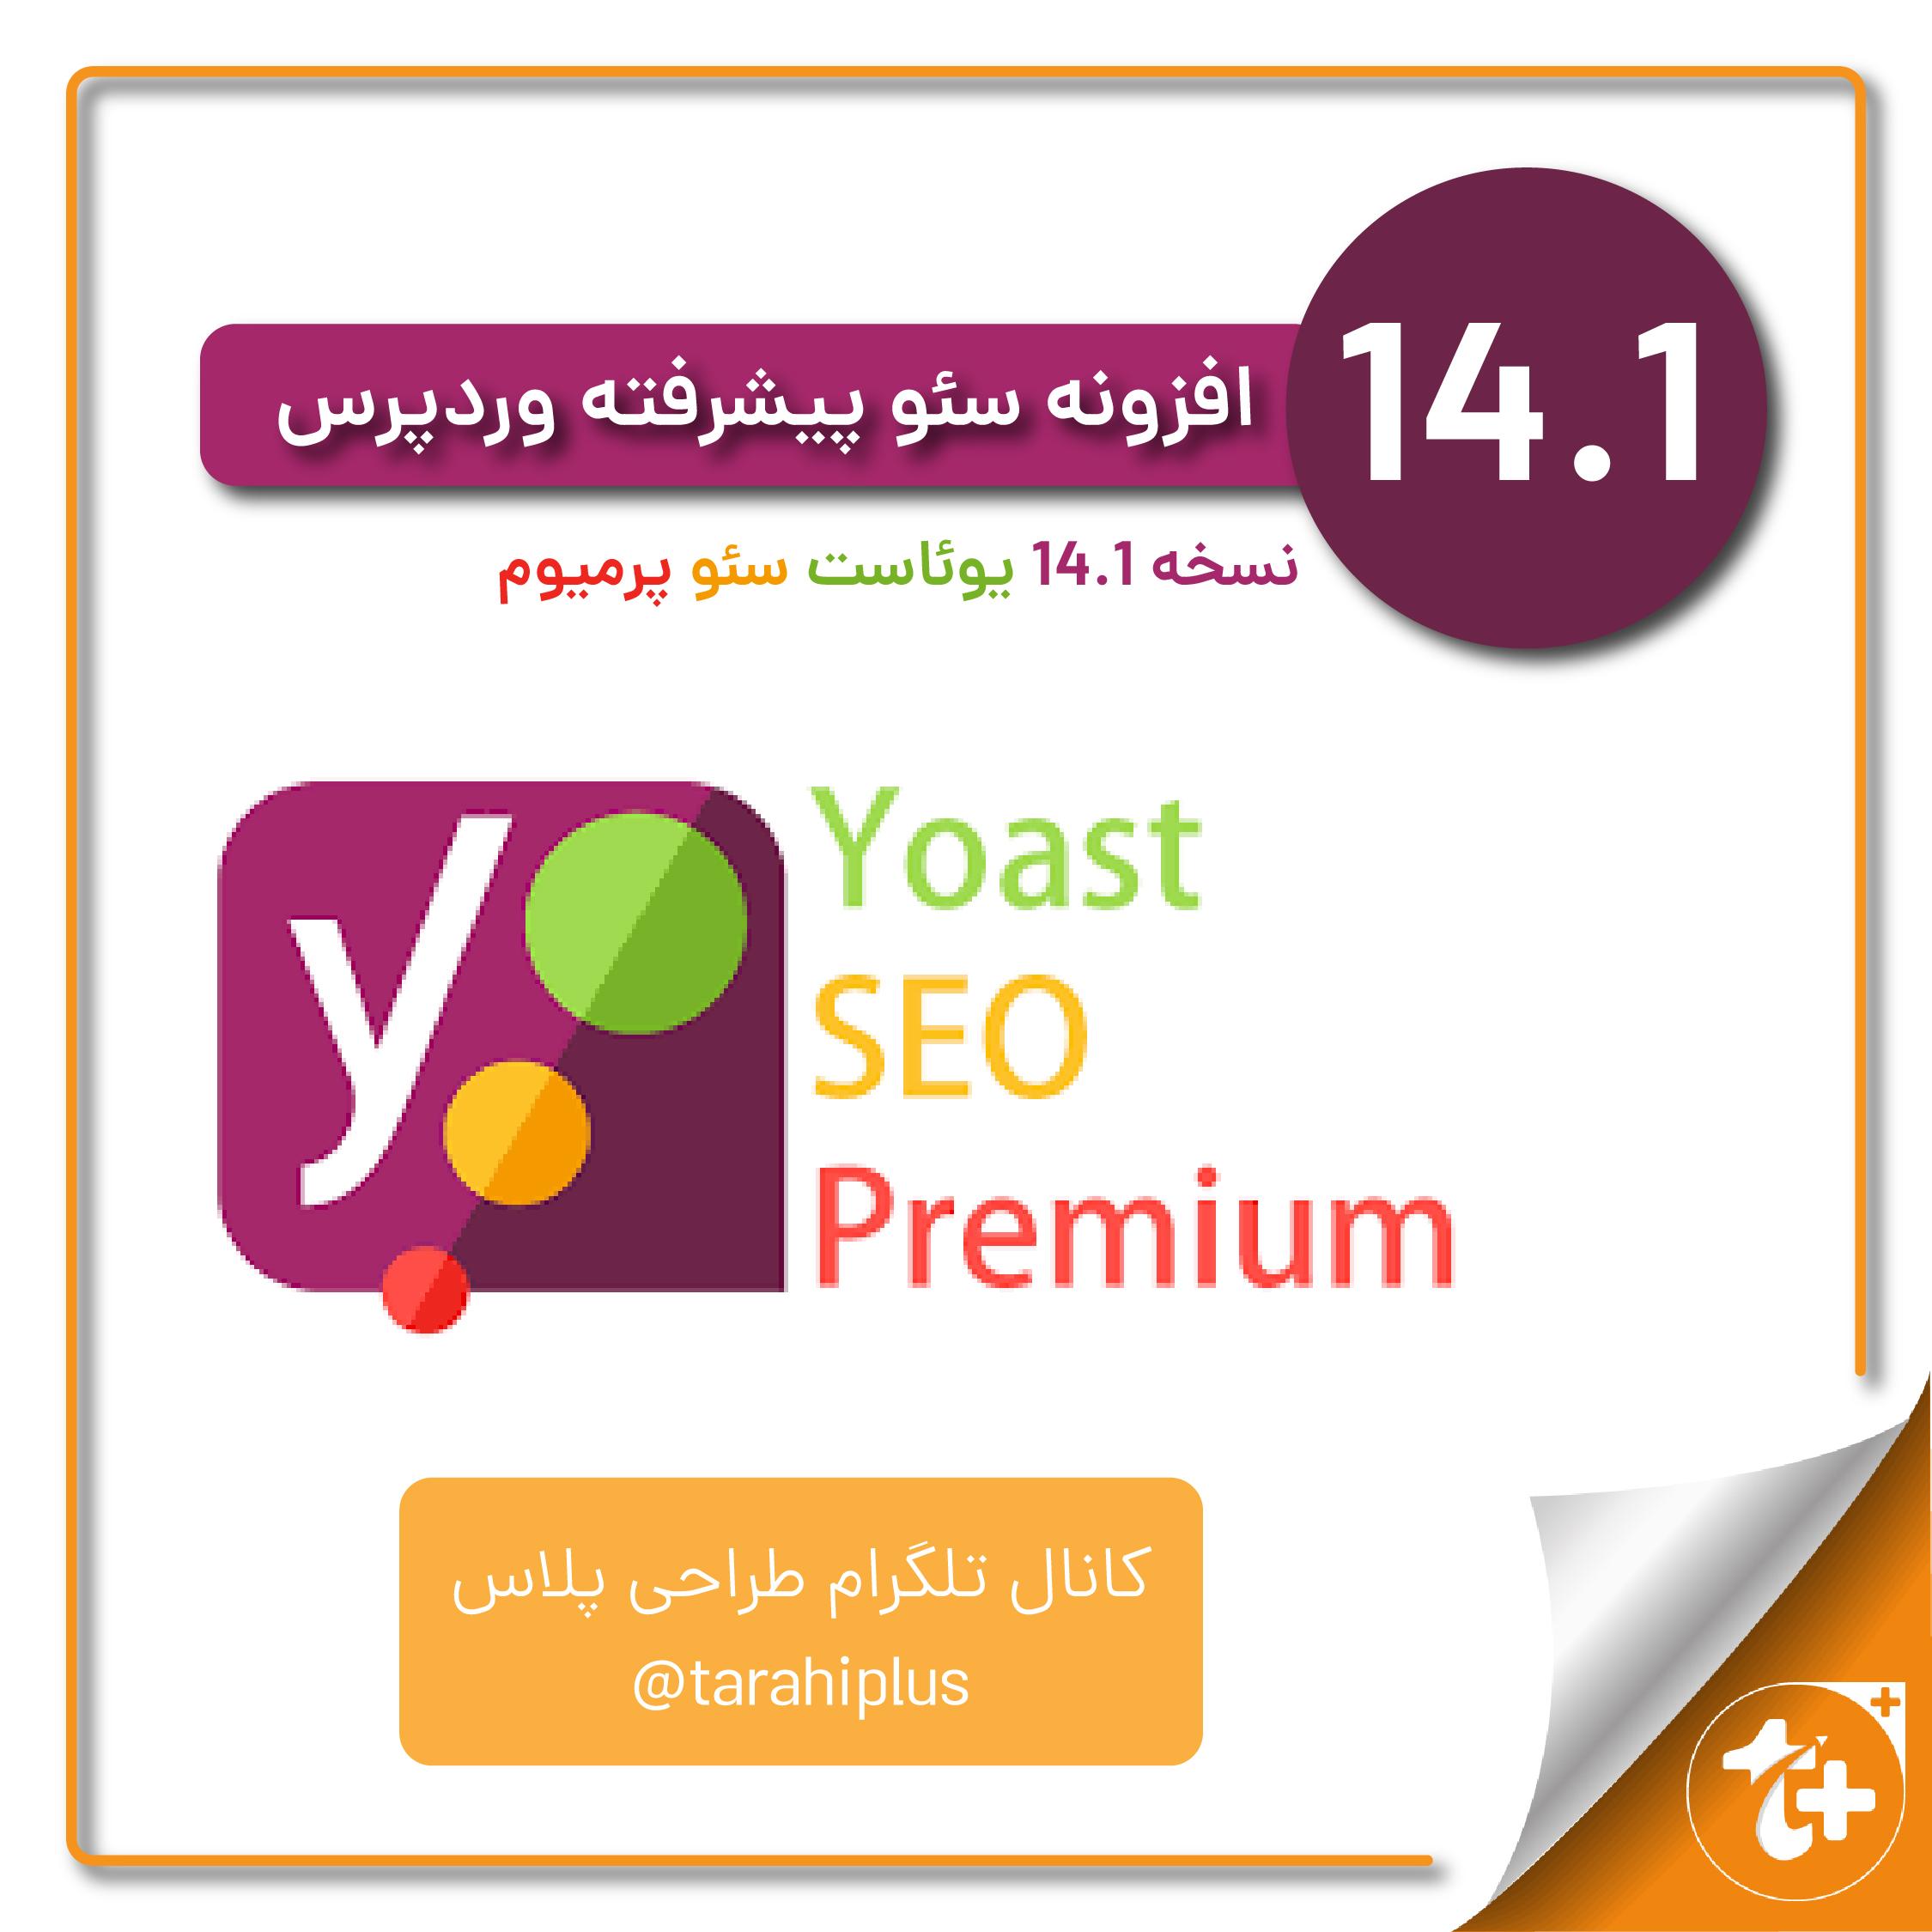 سئوی وردپرس Yoast پرمیوم | افزونه یواست سئو | Yoast SEO Premium 14.4.1